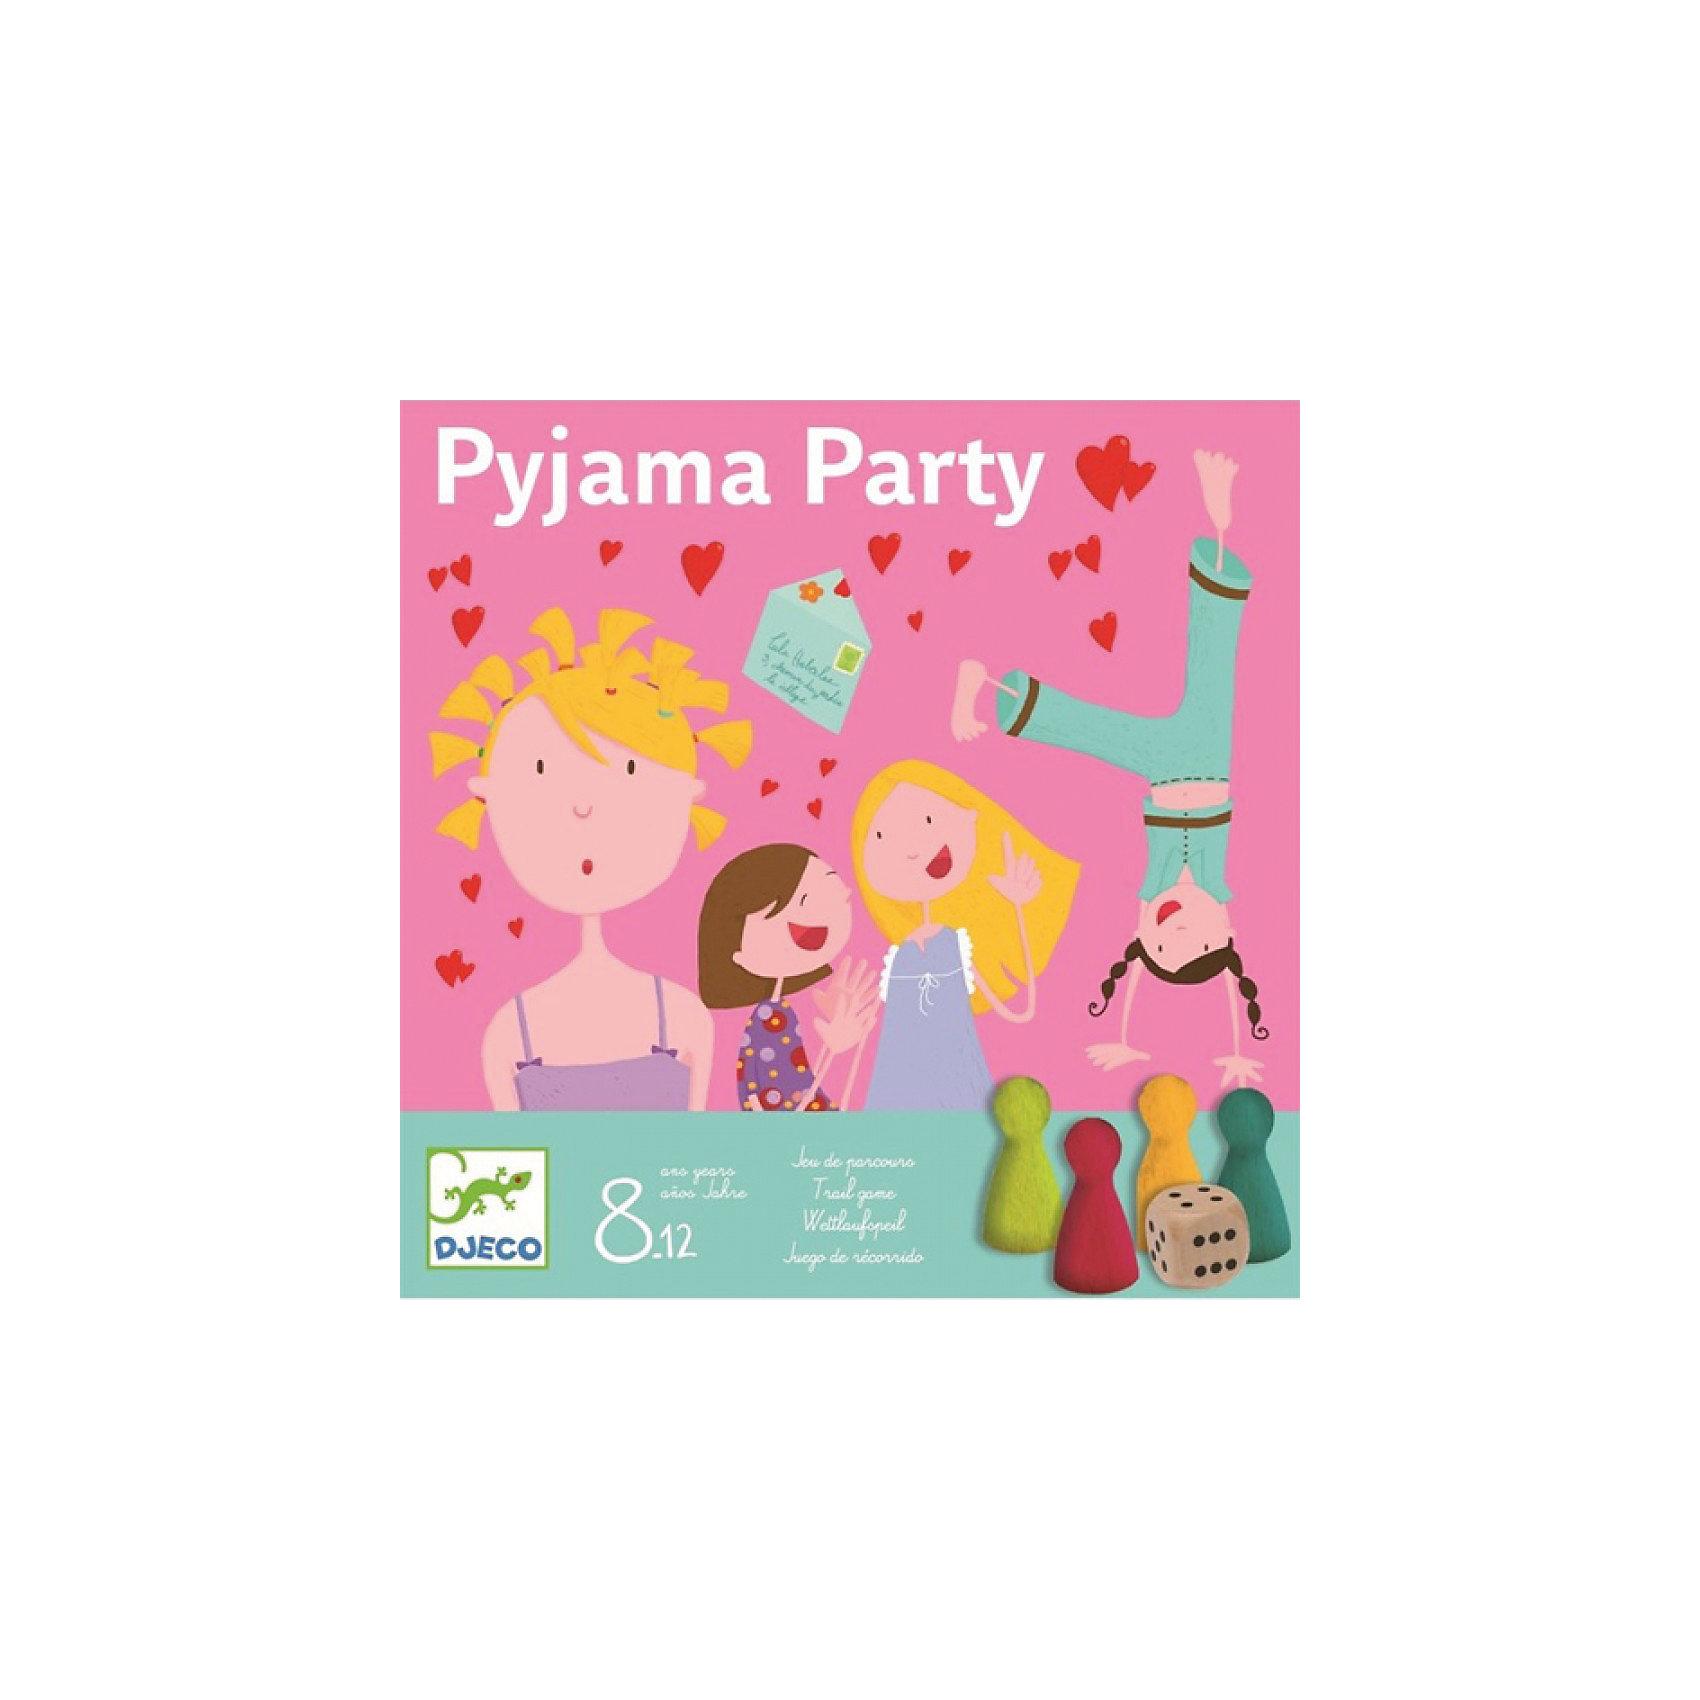 Настольная игра Пижамная вечеринка, DJECOНастольные игры ходилки<br>Настольная игра Пижамная вечеринка от известного французского производителя Djeco – веселая игра для детей возрастом от 8 до 12 лет, прекрасно подходящая для настоящей пижамной вечеринки! <br><br>Невероятно веселая игра для девочек от Djeco заставит детей смеяться до слез, делиться секретами и подарит незабываемые моменты, которые можно разделить с друзьями. В ходе игры детям нужно будет отвечать на различные вопросы, указанные в карточках, придумывать истории, анекдоты и так далее! <br><br>В наборе: <br><br>игровое поле,<br>4 фишки для игроков,<br>80 карточек с заданиями,<br>игральный кубик.<br><br>Игра развивает коммуникабельность детей, воображение, фантазию. <br><br>Количество игроков: 2-4 человек. <br>Примерное время игры: 30 минут.<br><br>Ширина мм: 220<br>Глубина мм: 220<br>Высота мм: 40<br>Вес г: 800<br>Возраст от месяцев: 36<br>Возраст до месяцев: 1188<br>Пол: Унисекс<br>Возраст: Детский<br>SKU: 4761469